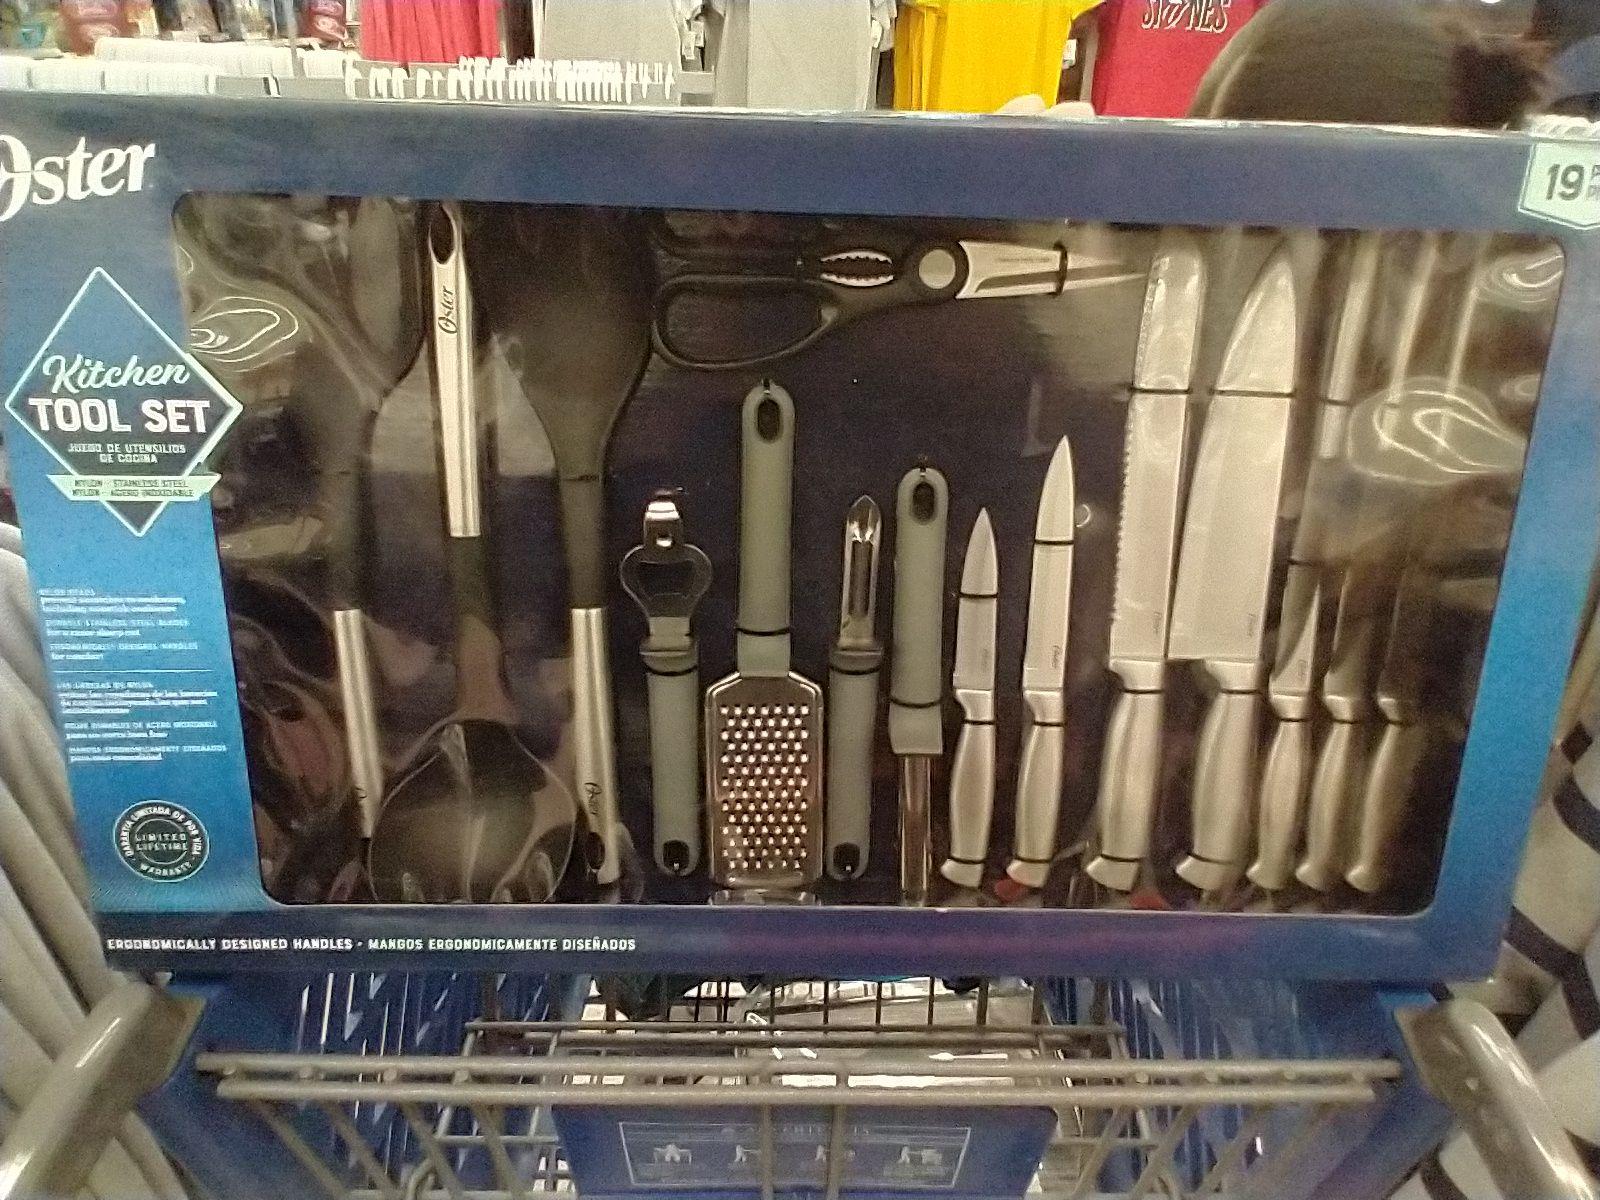 Walmart: Set de cuchillos Oster con utensilios 19 piezas